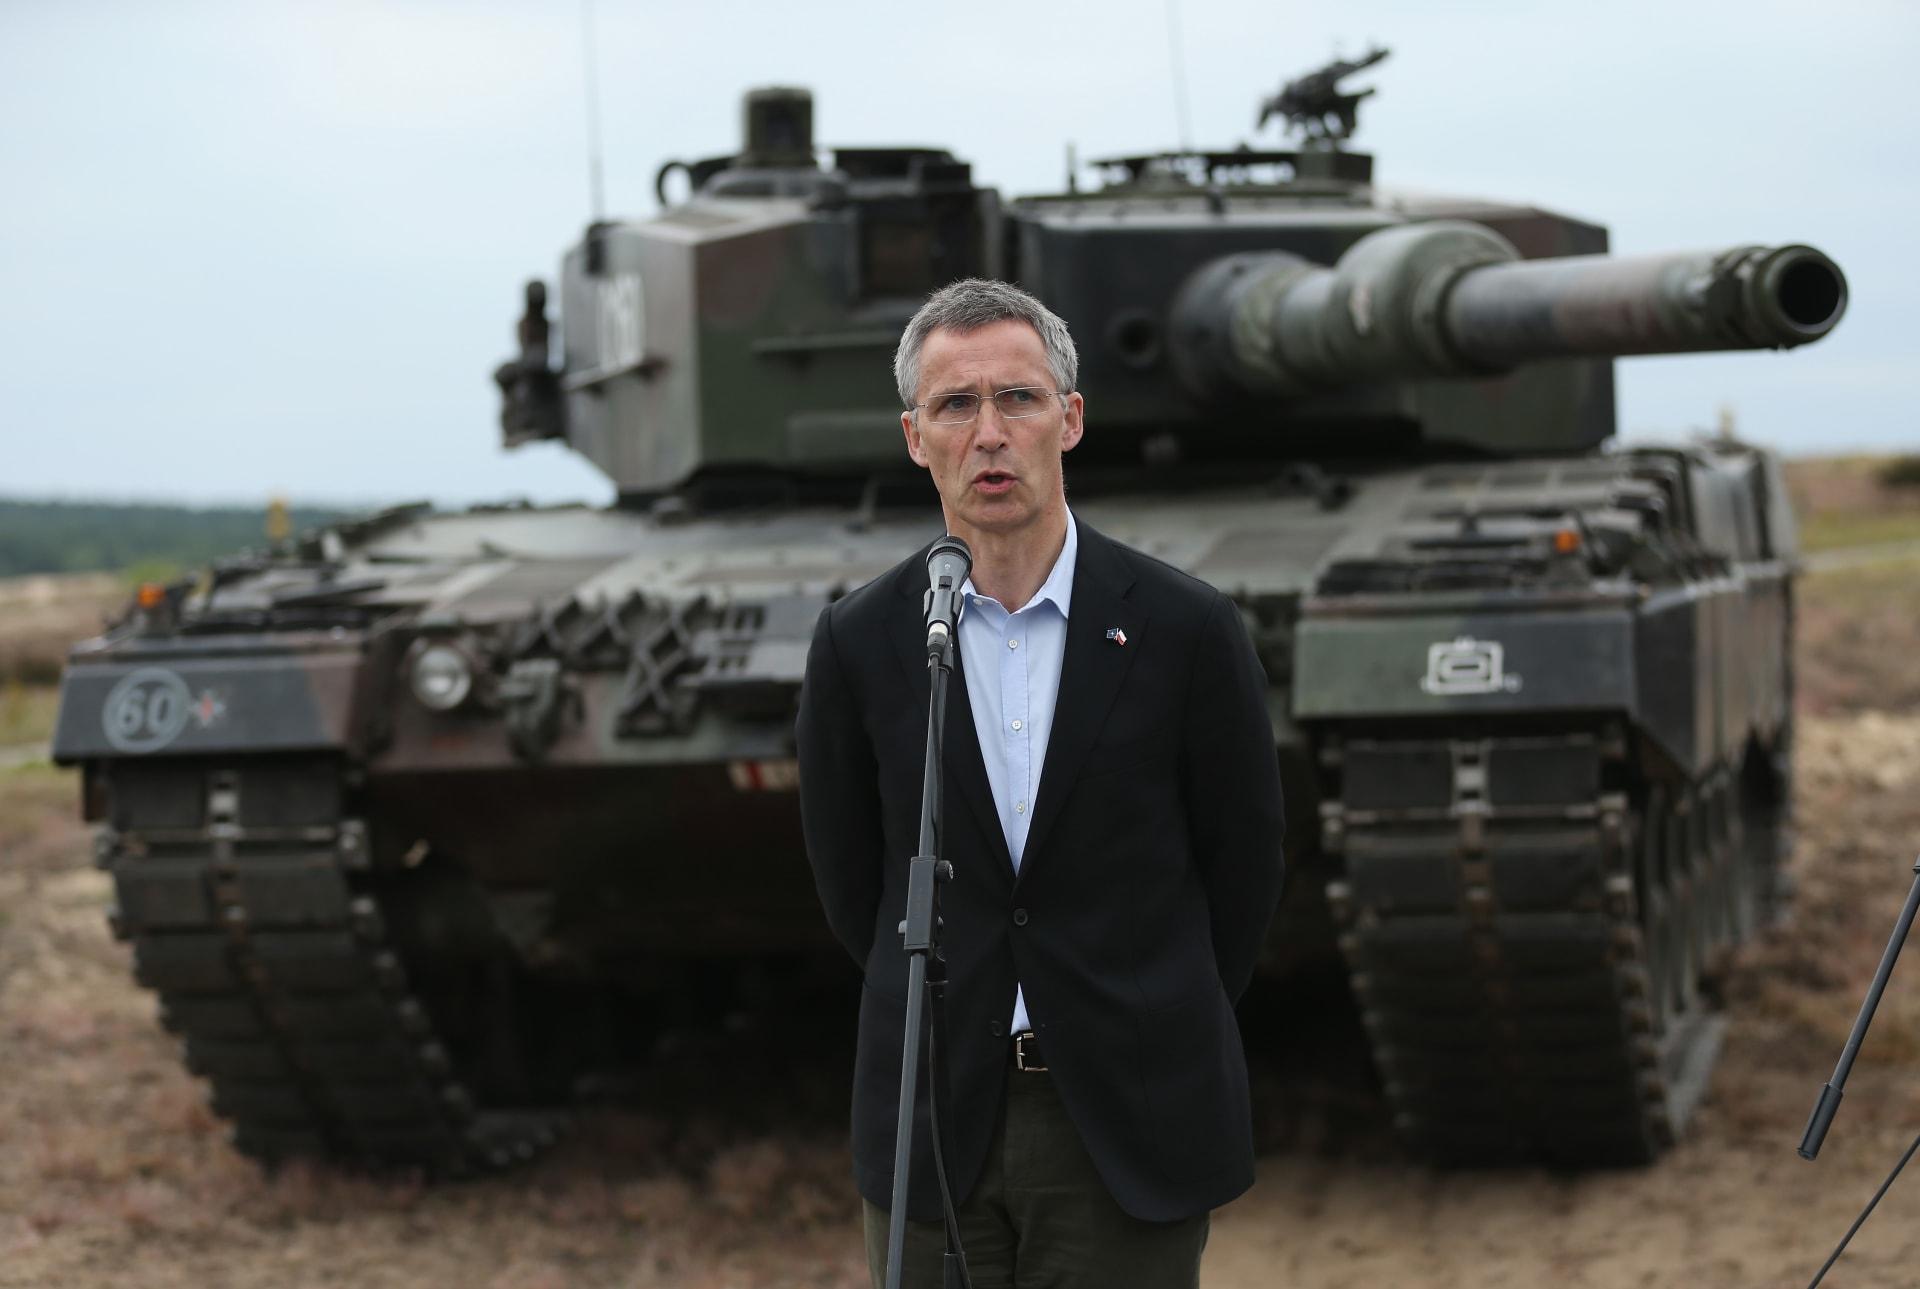 الناتو يؤكد: بروكسل موطن مقر حلفنا وسنحمي قيمنا ضد من يستهدفها.. وملك وملكة بلجيكا يزوران ضحايا التفجيرات